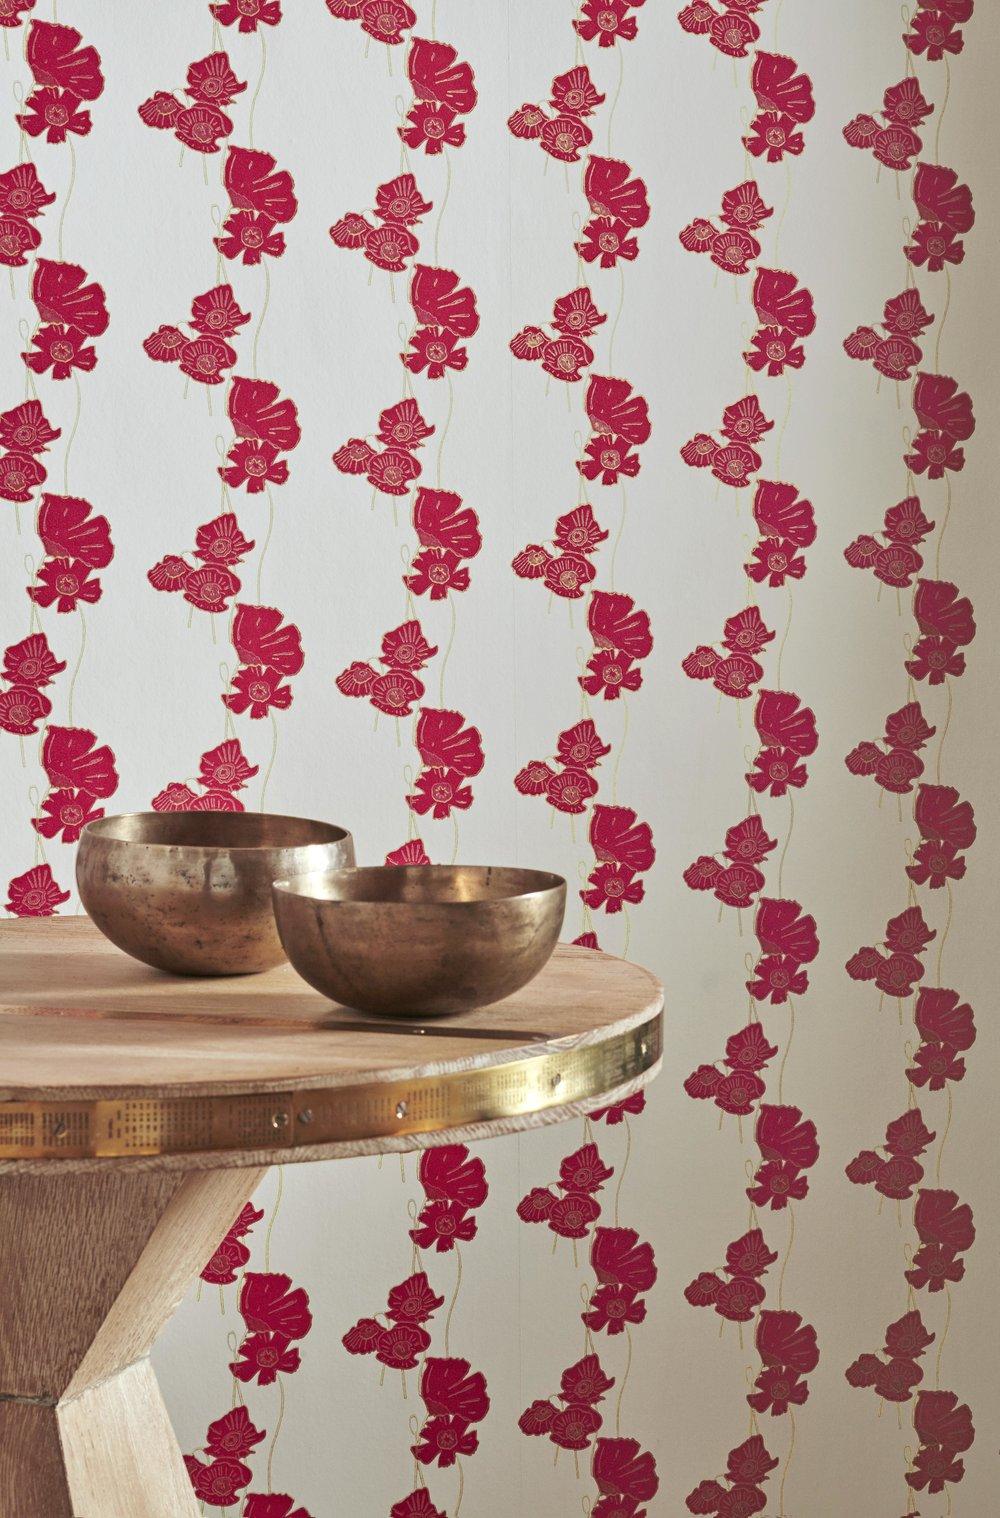 Barneby Gates - Poppy Fields - Red-Gold - Set shot - Detail.jpg